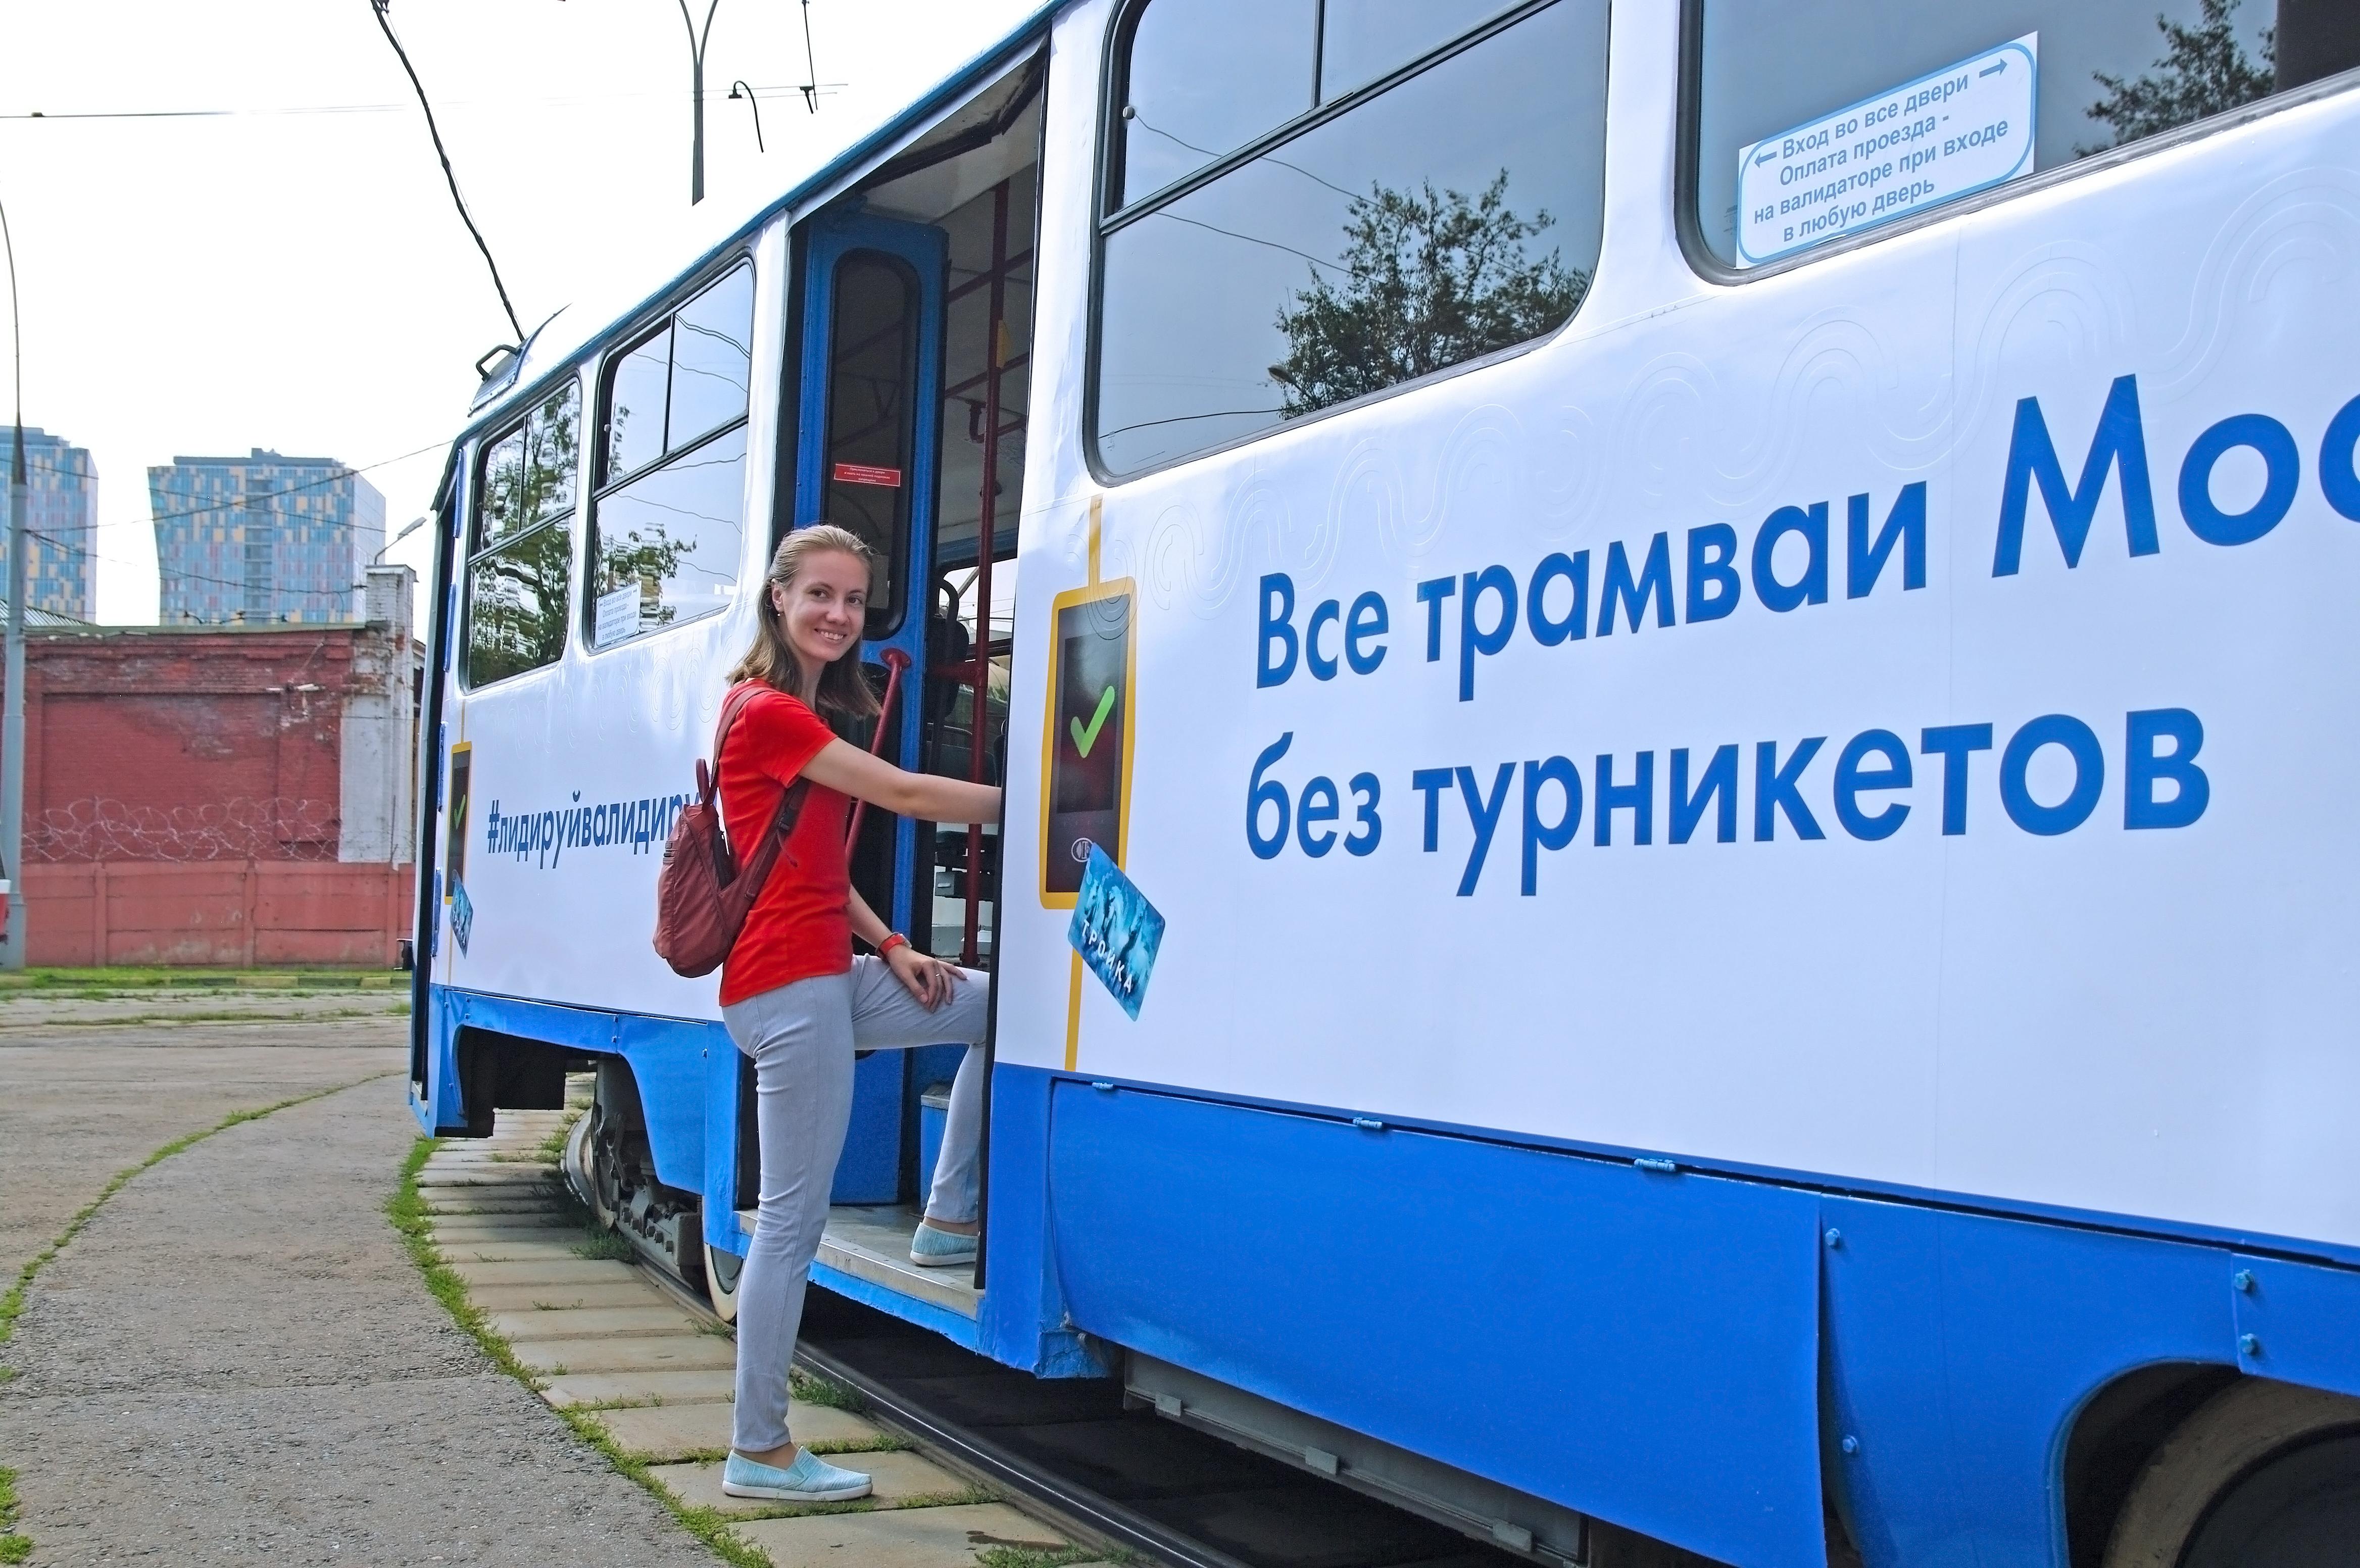 Последний шанс: «Мосгортранс» пригласил сделать селфи с автобусным турникетом